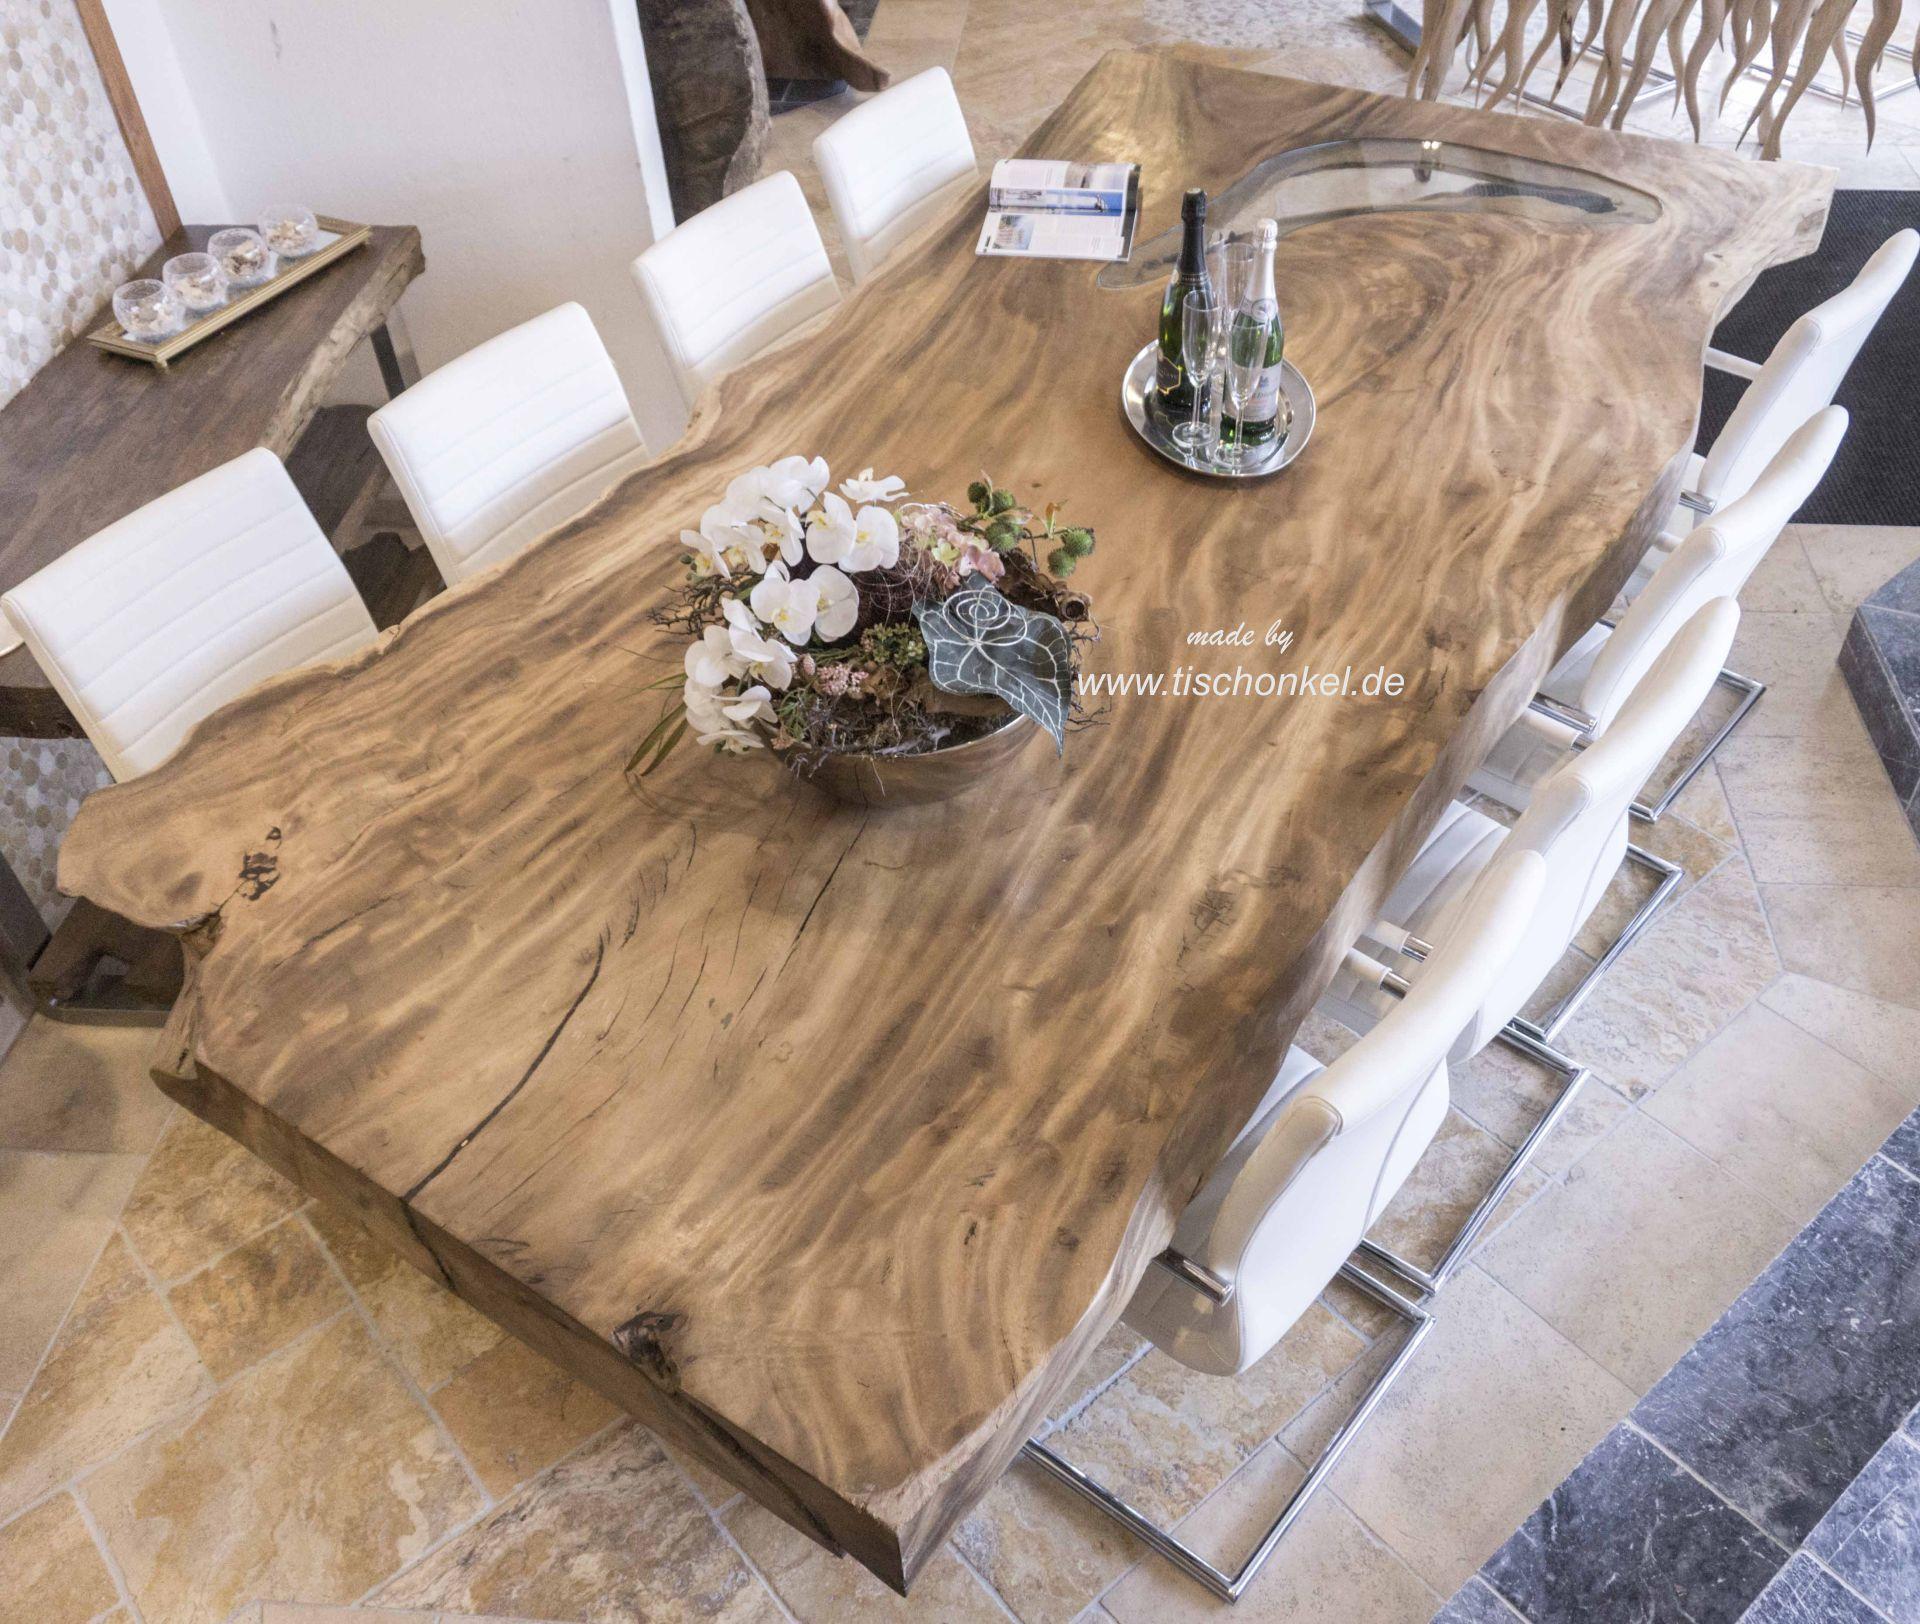 Massiver Esstisch aus einem Baumstamm - Der Tischonkel